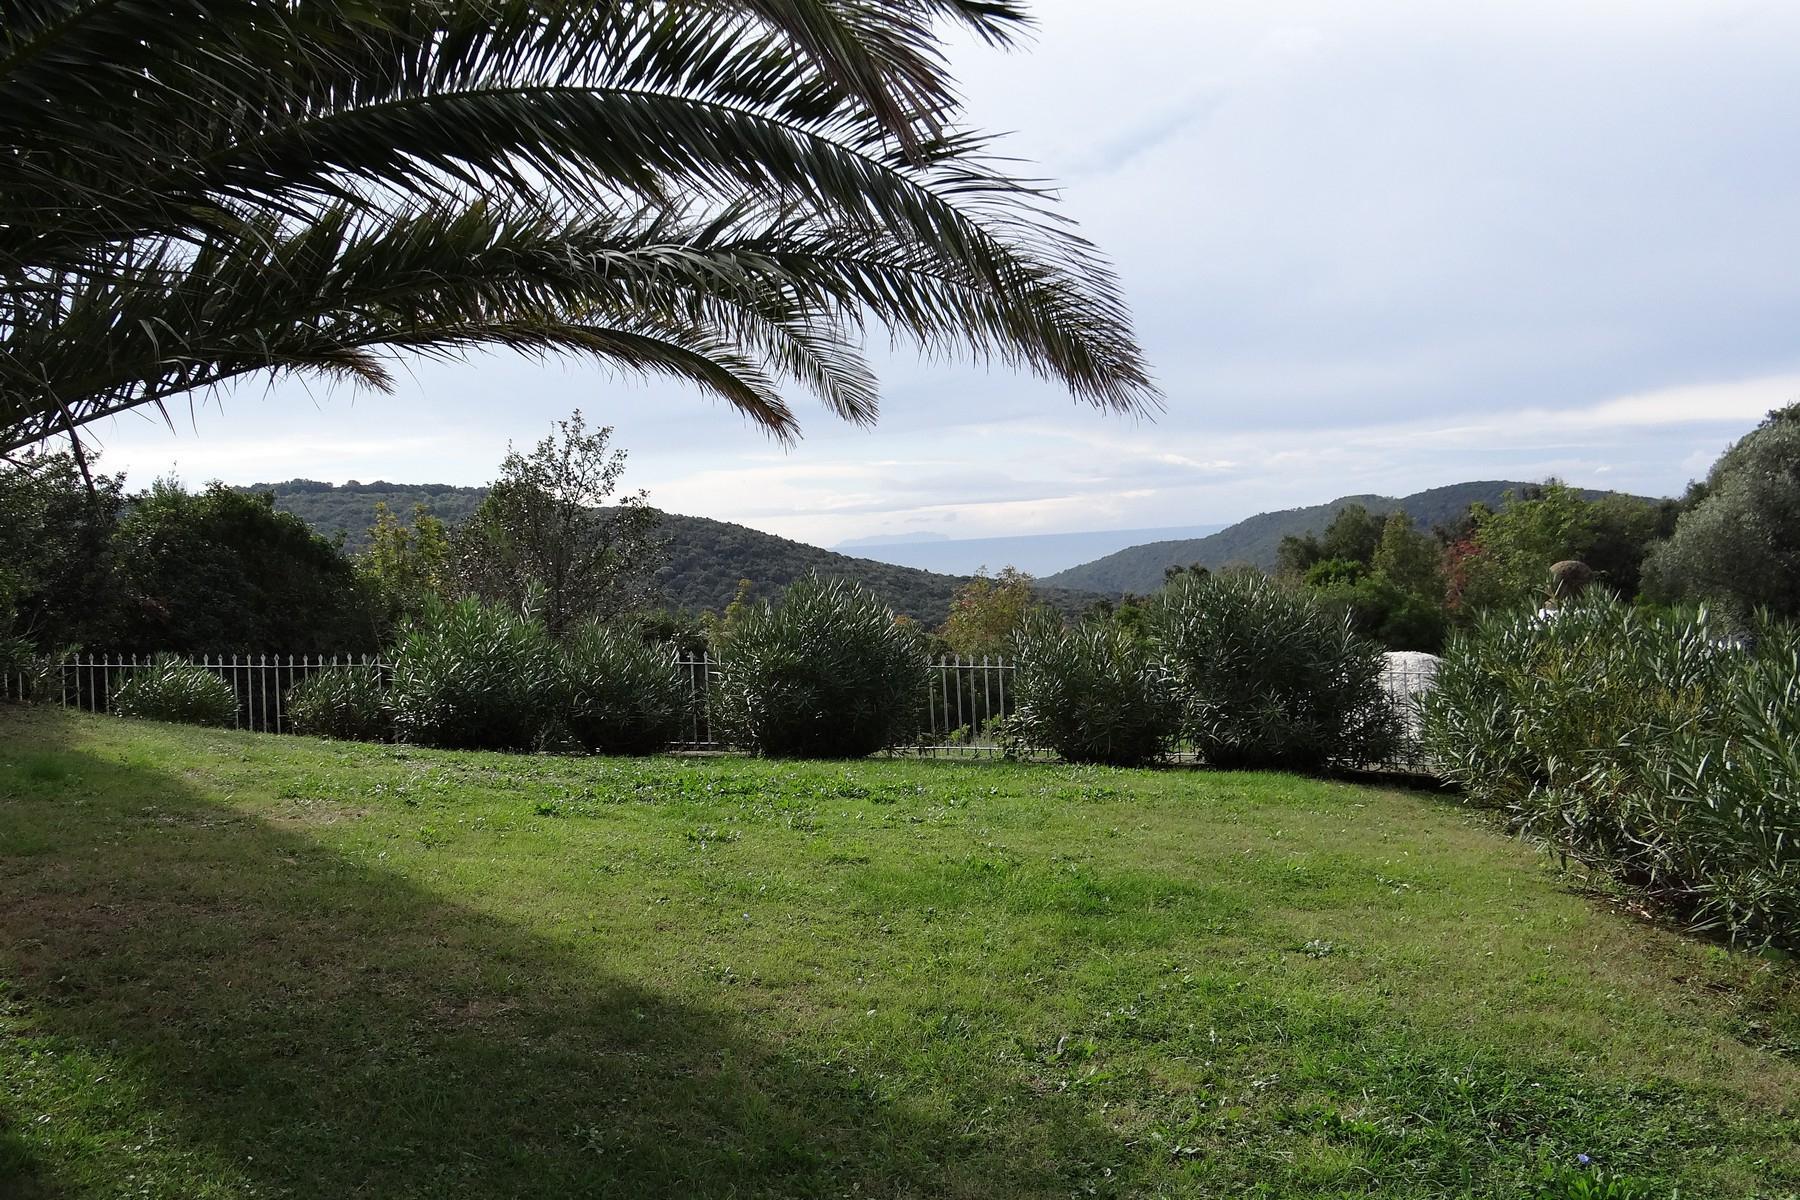 Villa in collina vista mare, nei pressi di Castiglioncello - 10